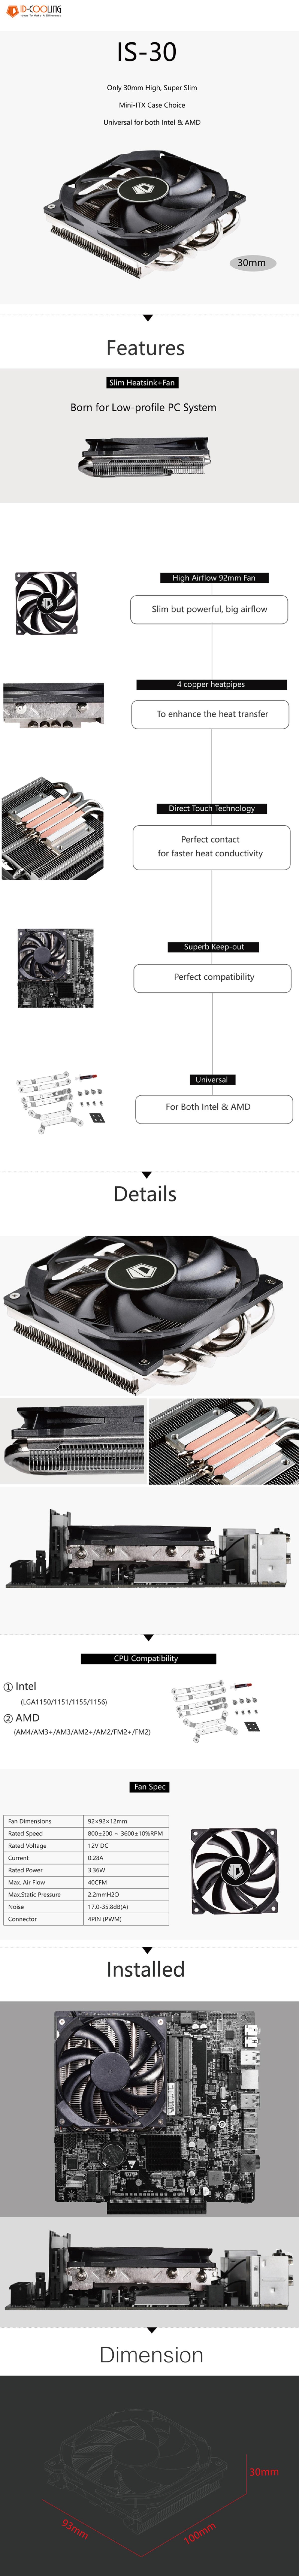 Giới thiệu Tản nhiệt khí CPU ID-COOLING IS 30